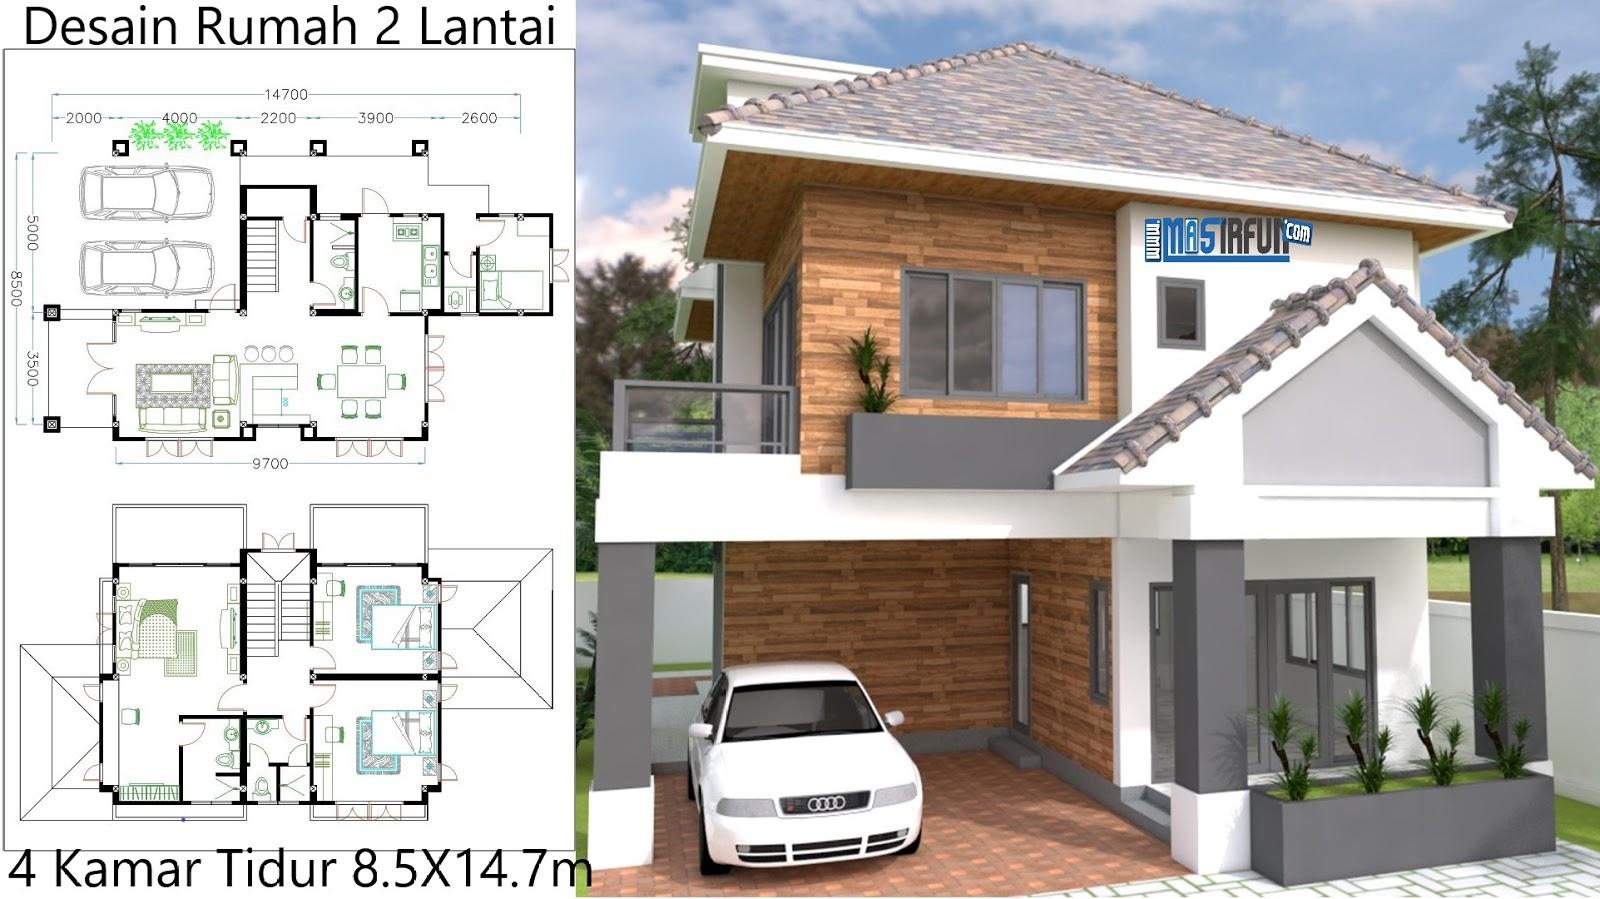 Desain Rumah Modern Minimalis 2 Lantai 4 Kamar 8x14m